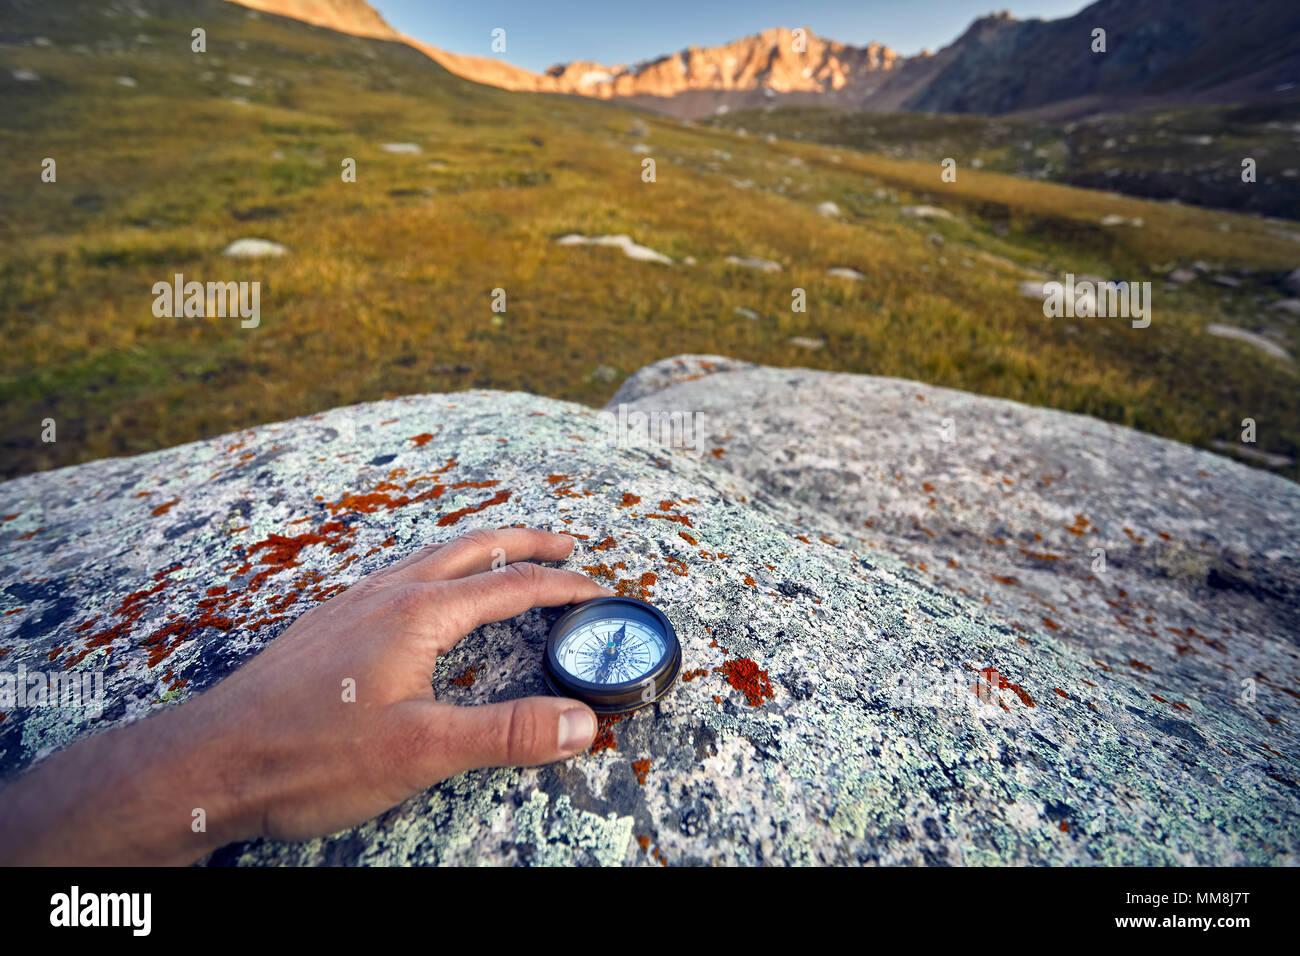 Côté touristique avec vintage compas sur les montagnes. Voyages et aventures concept. Photo Stock